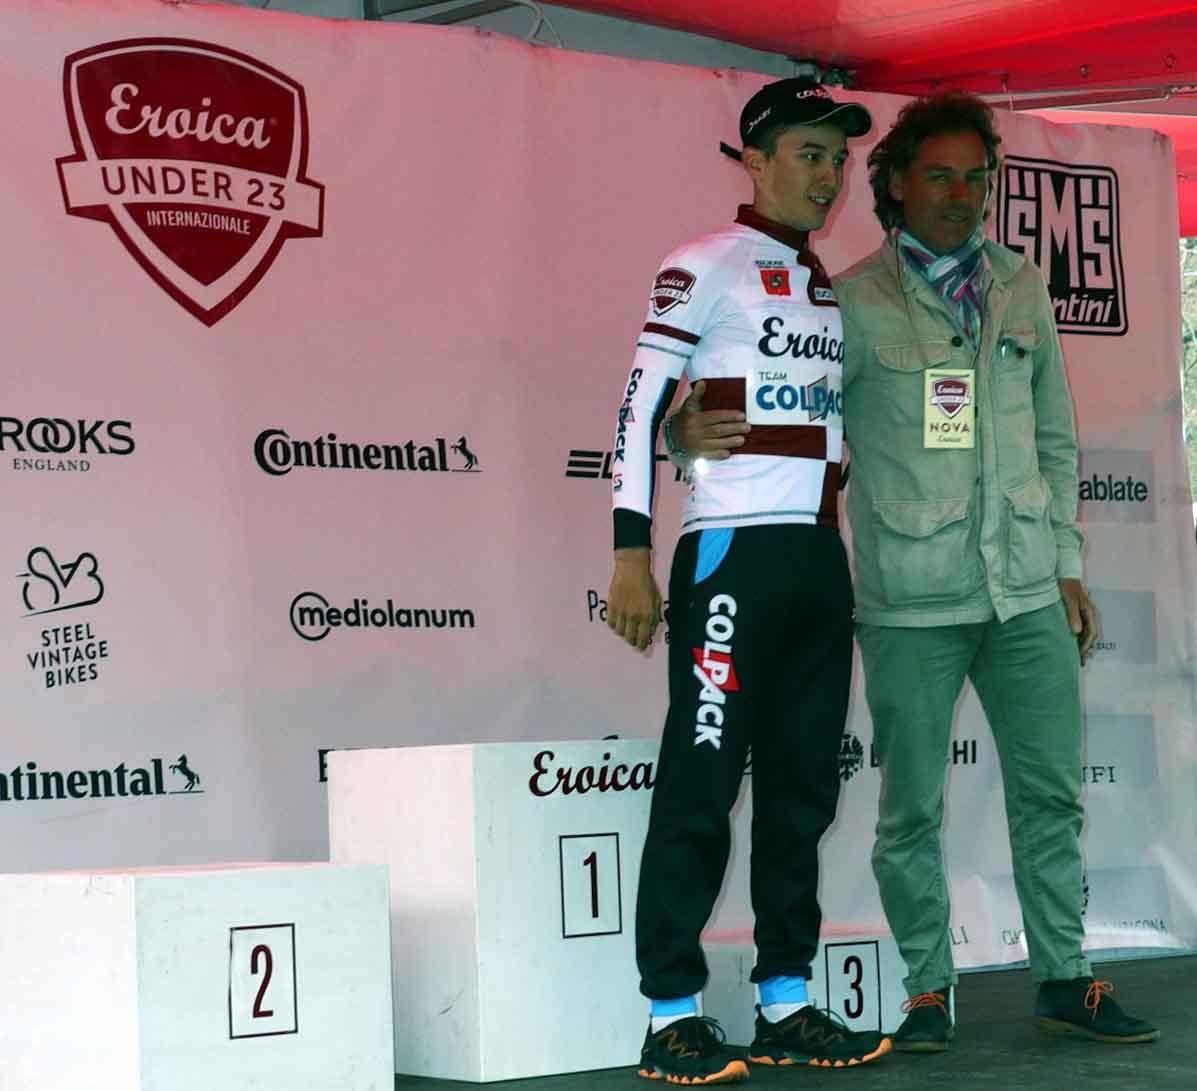 Andrea Bagioli nuovo leader del Toscana Terra di Ciclismo - Eroica 2018